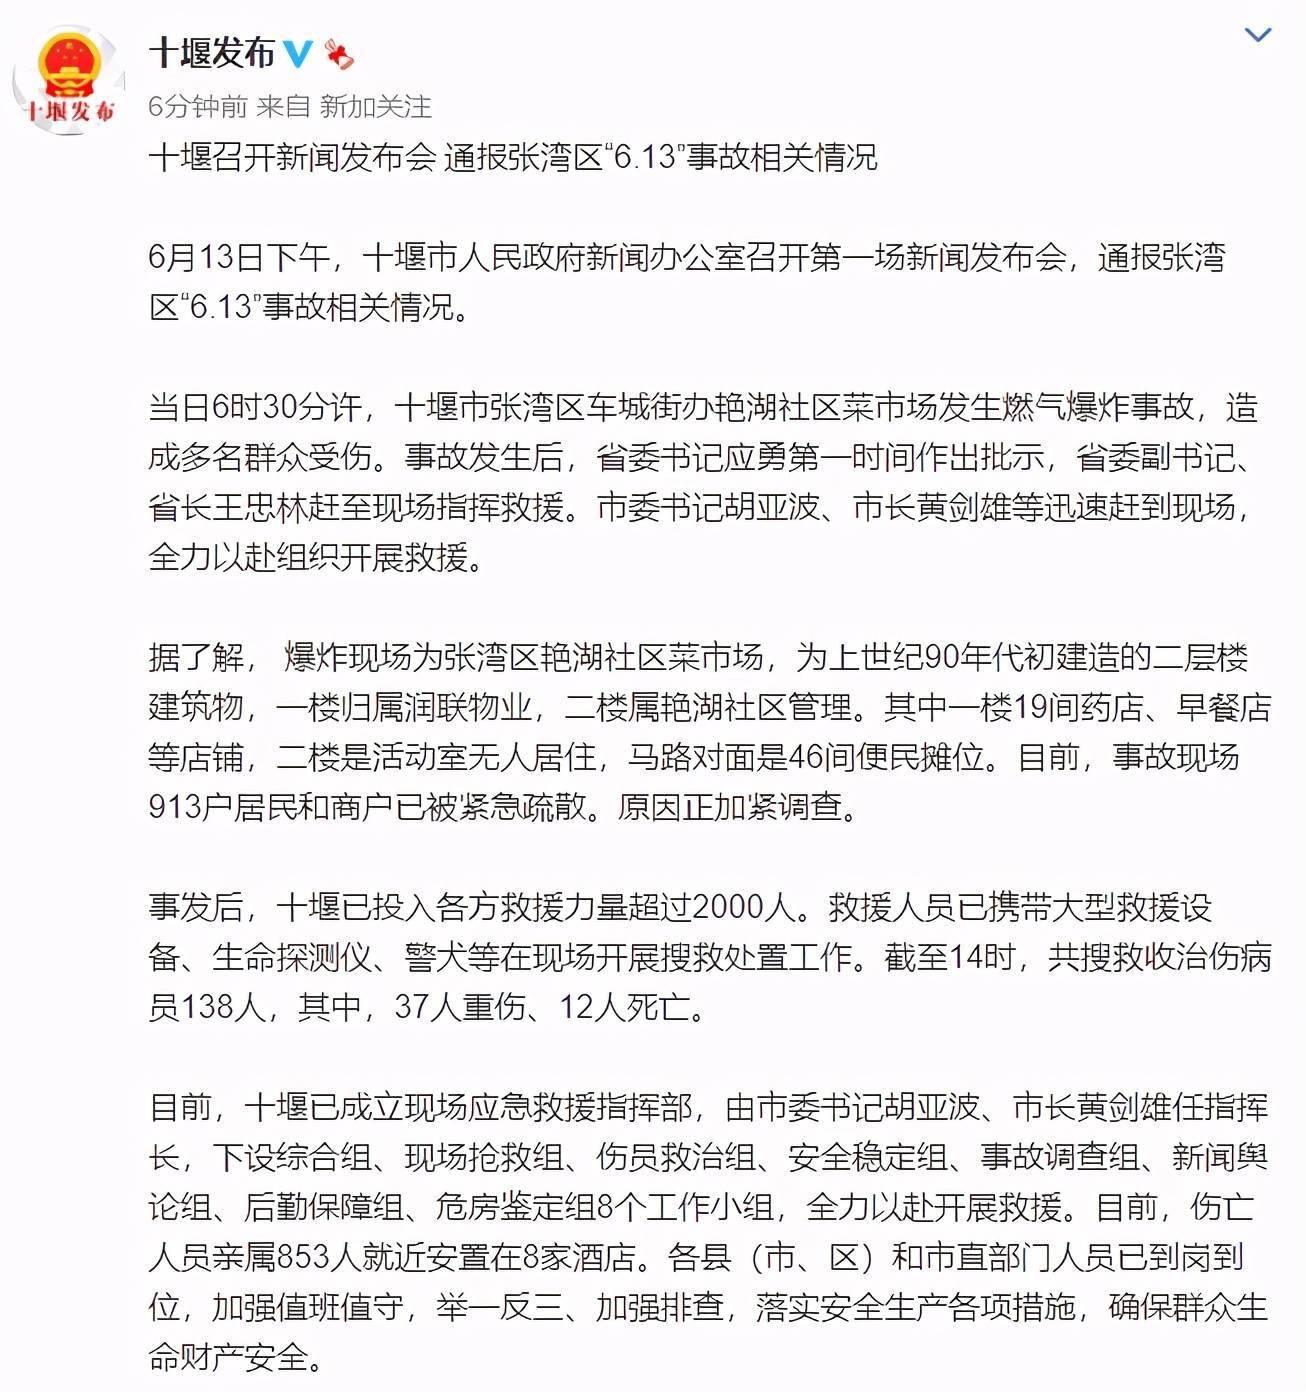 """湖北十堰市通报张湾区""""6.13""""事故相关情况:现场913户居民和商户已被紧急疏散"""